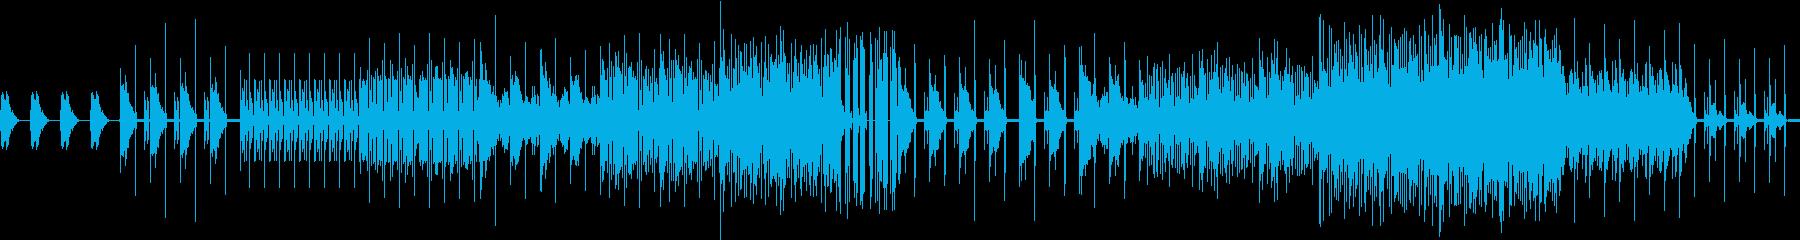 ドライブに最適なダンスミュージックBGMの再生済みの波形